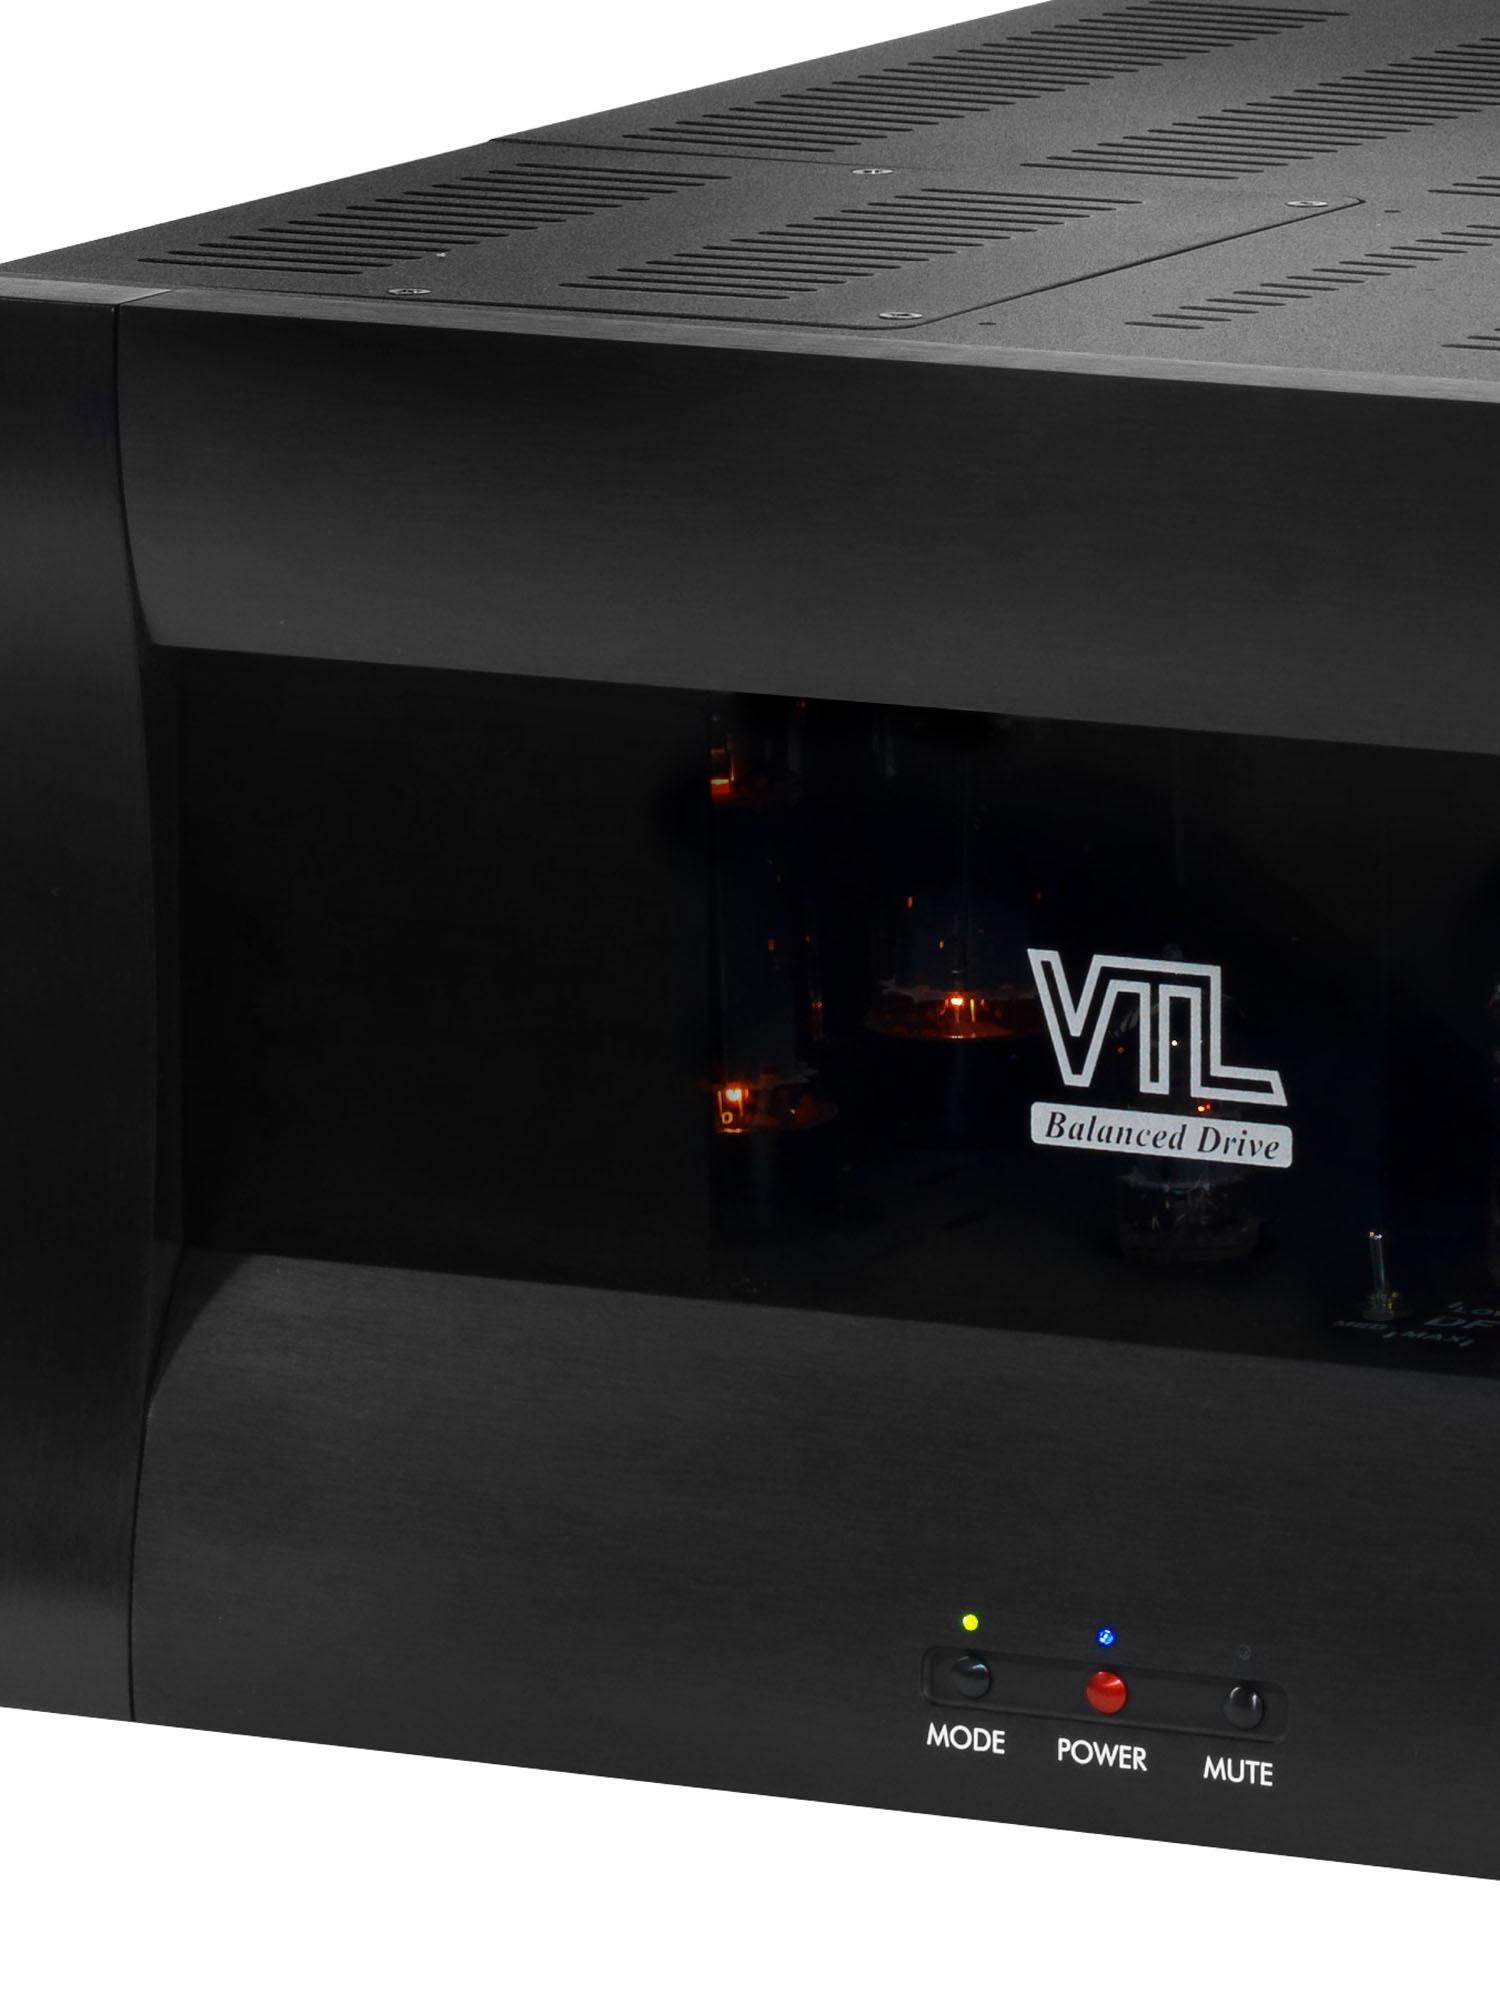 VTL MB-185 Series III Monoblock Power Amplifier